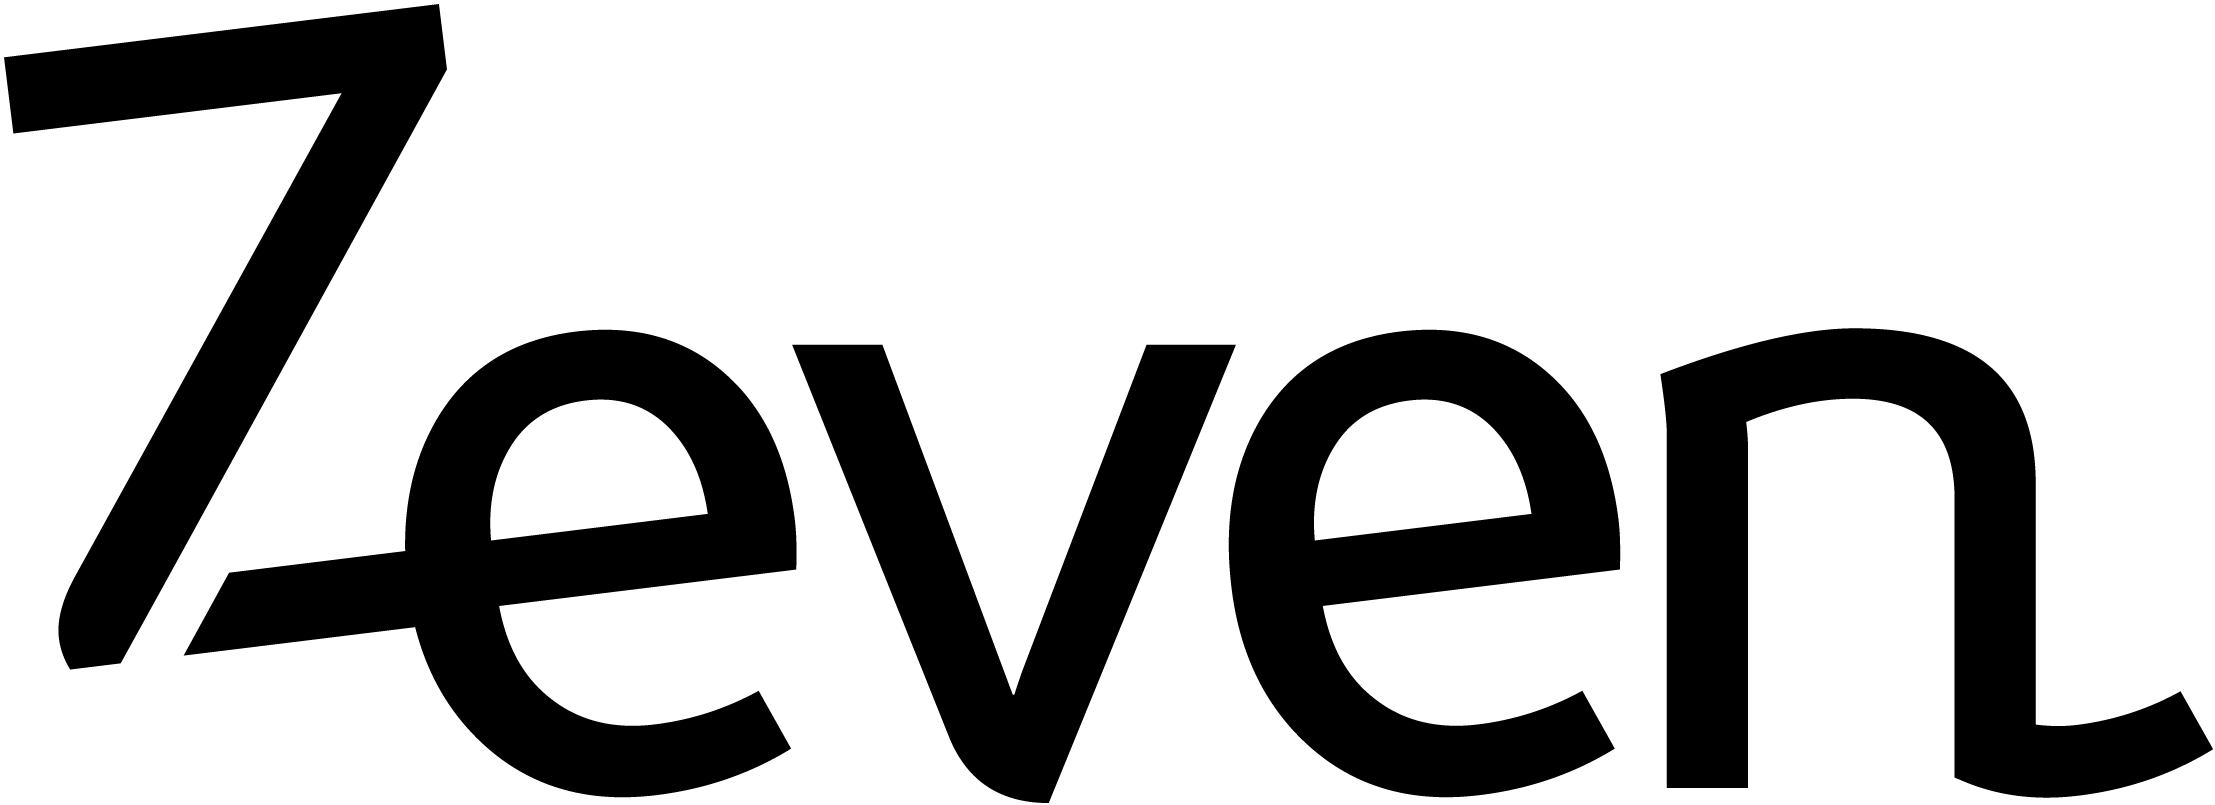 Punt-West Beheer/ Brasserie Zeven logo